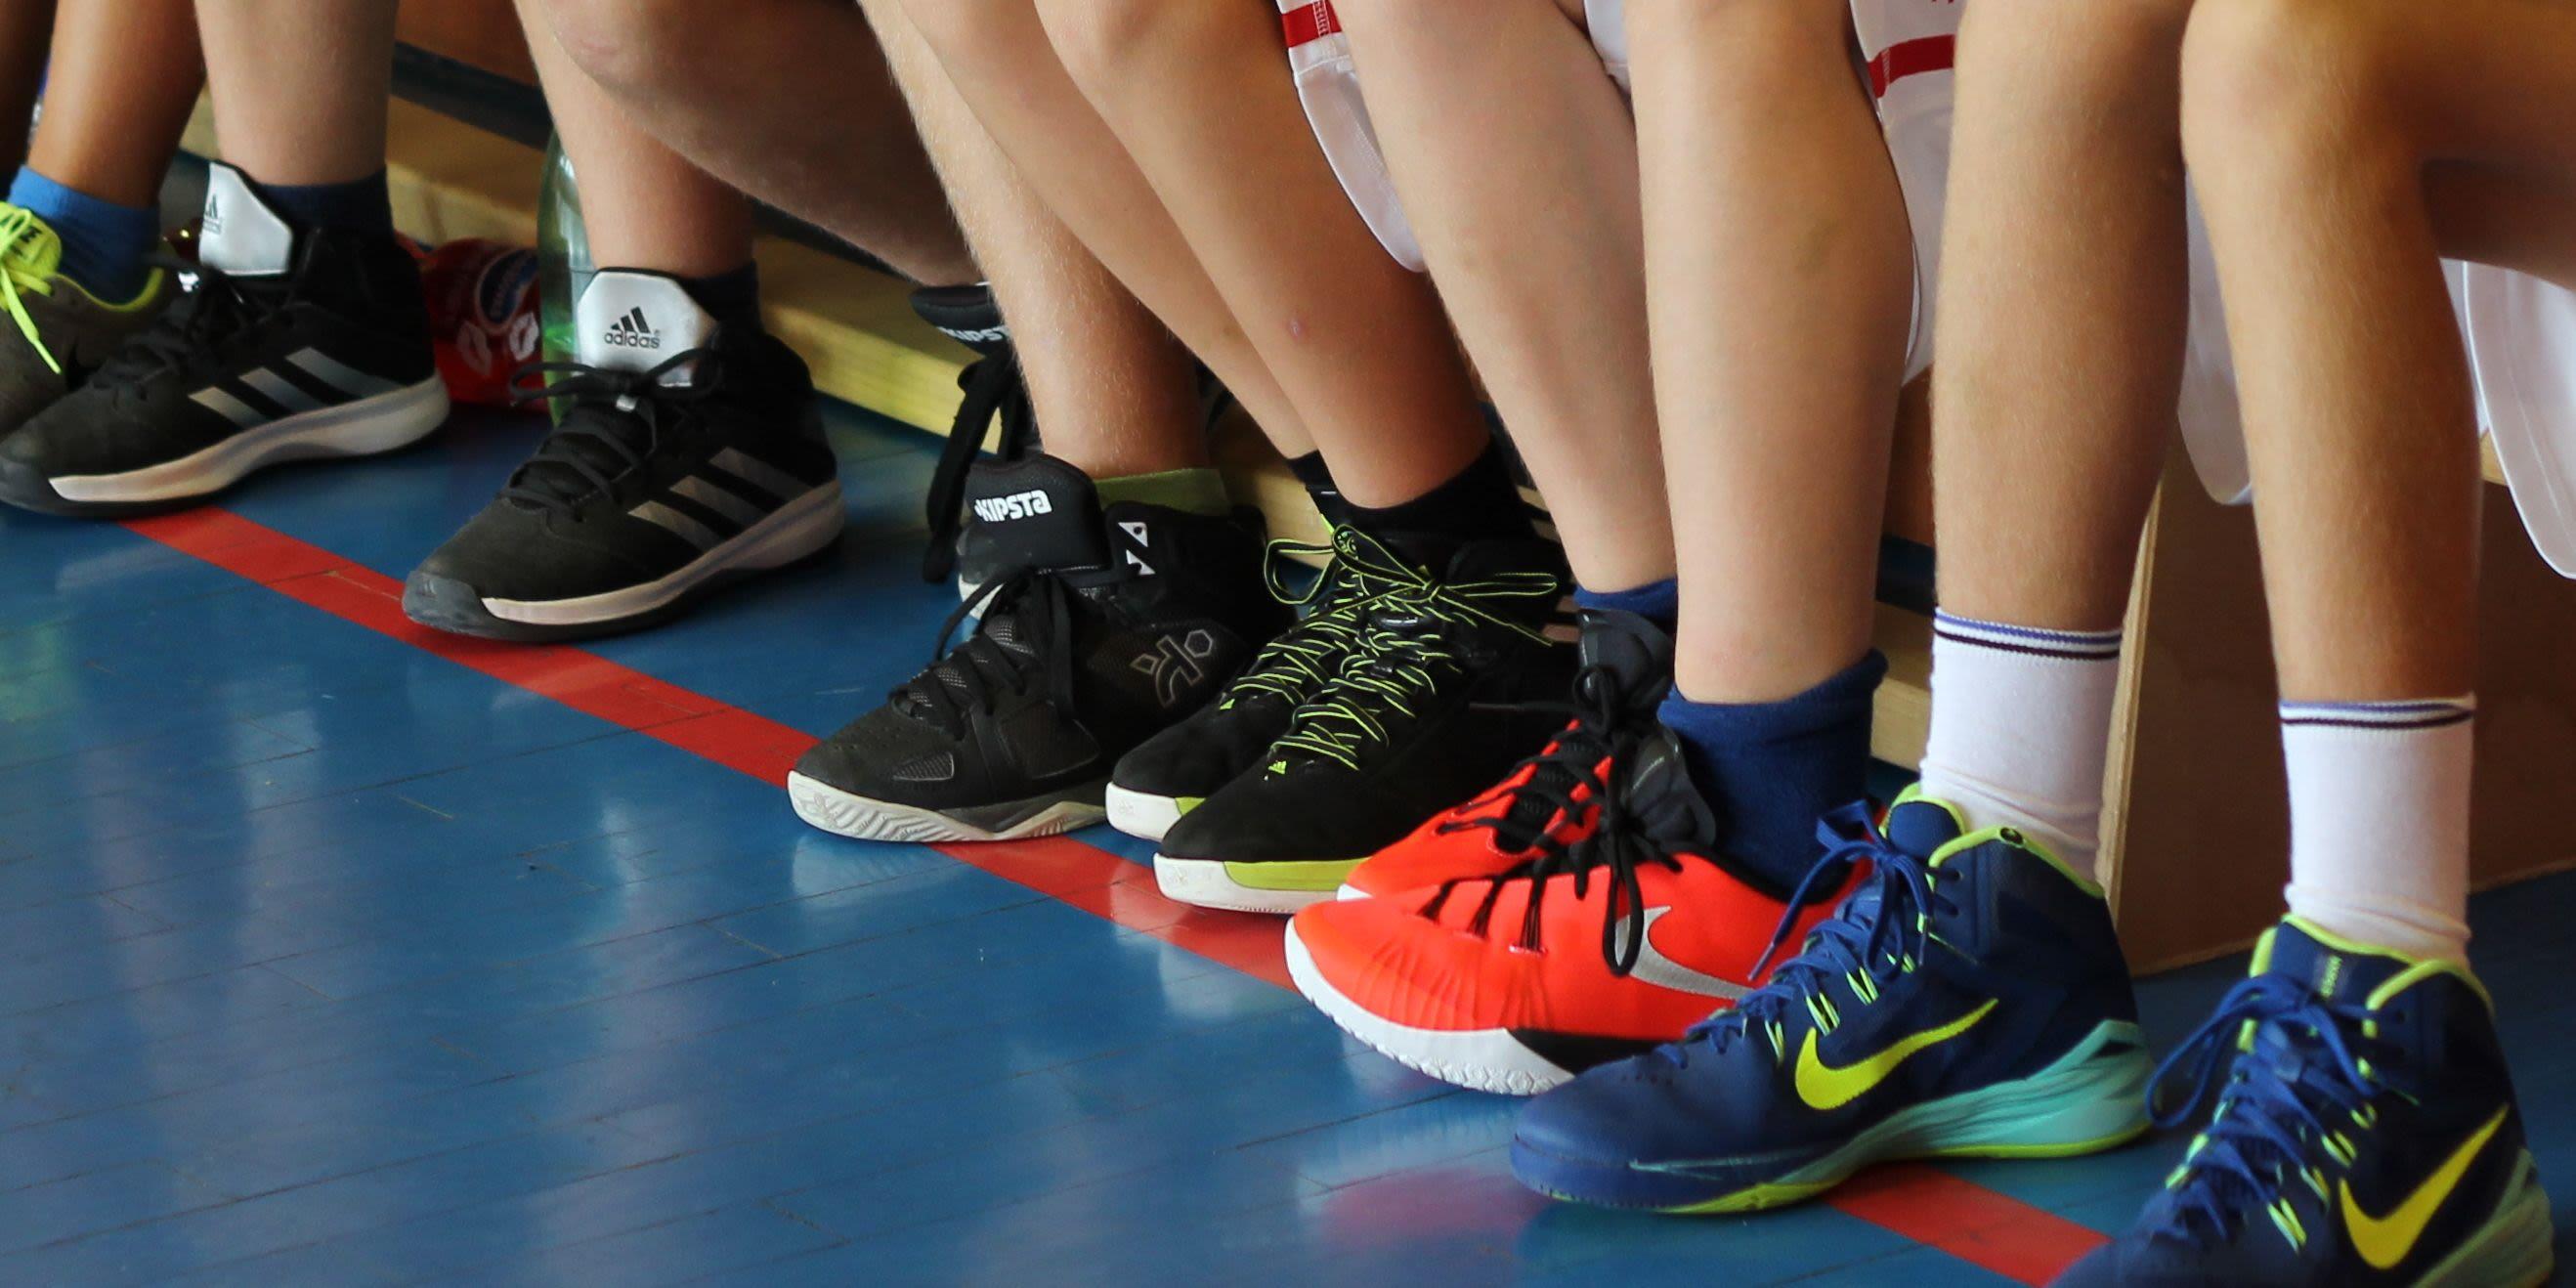 Basketbalové boty